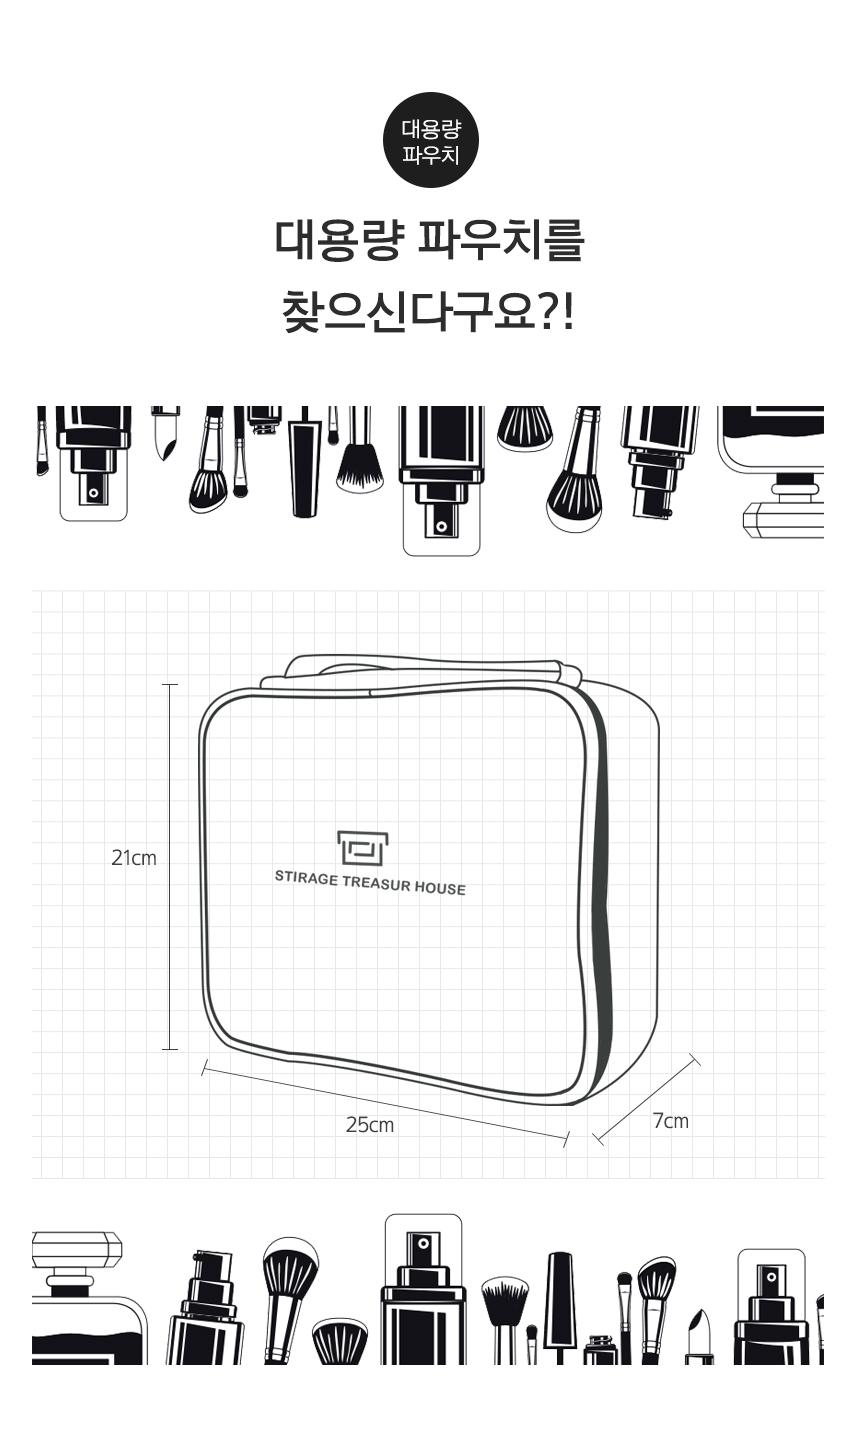 포터블 화장품파우치 메이크업박스 eco-m - 에코팩토리, 16,900원, 메이크업 파우치, 지퍼형